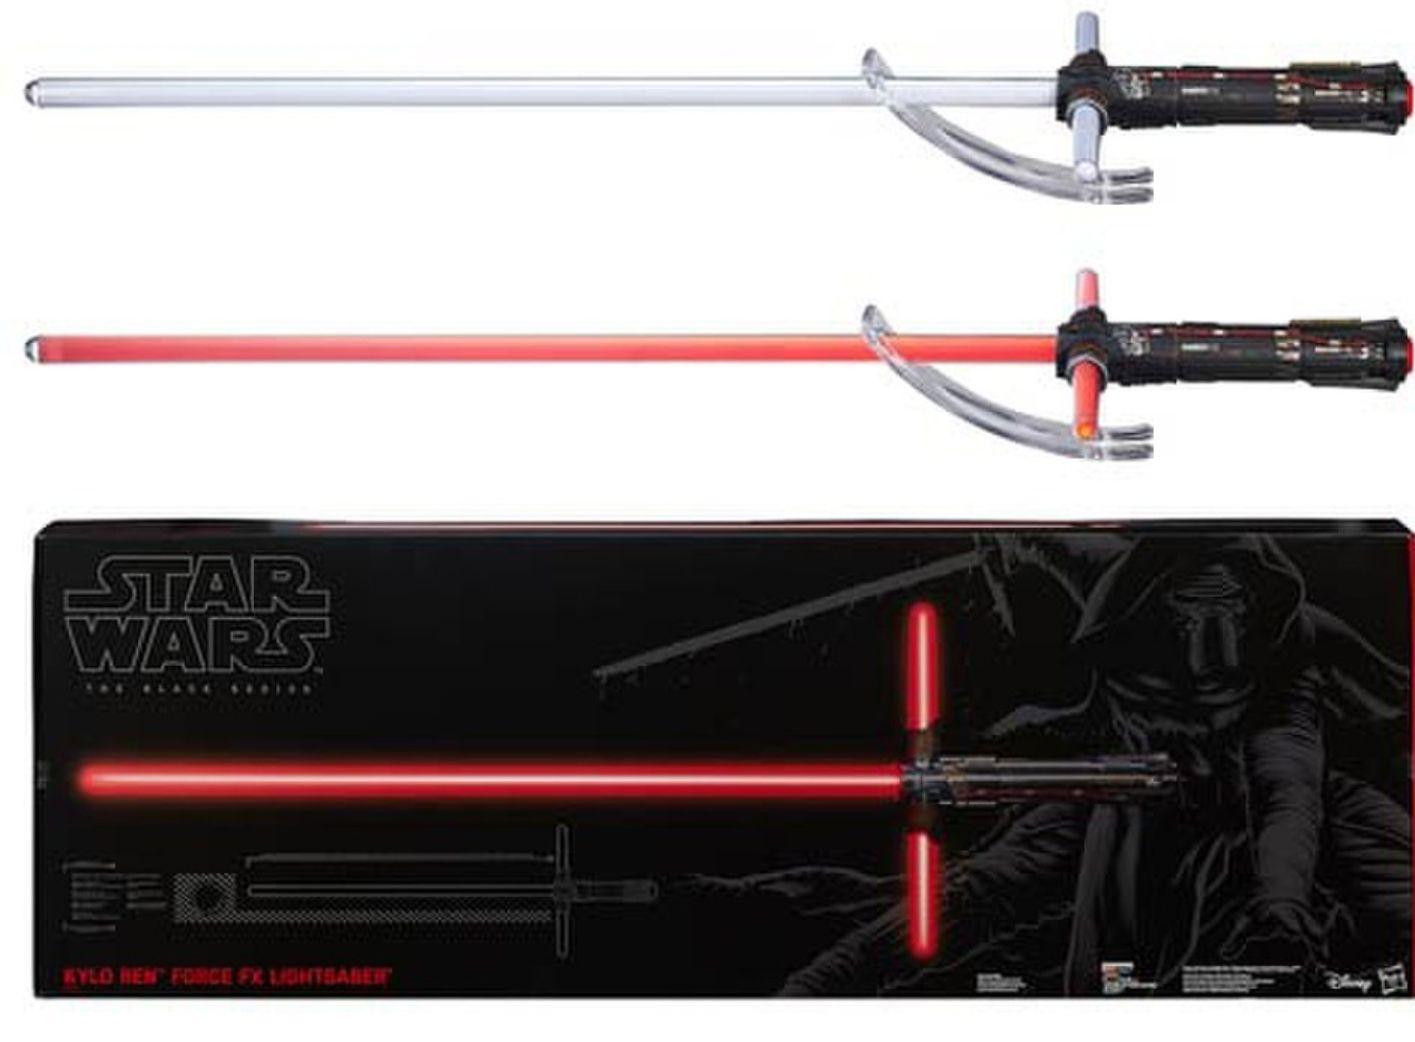 Star Wars The Black Series Force FX Lichtschwert Kylo Ren oder Darth Maul